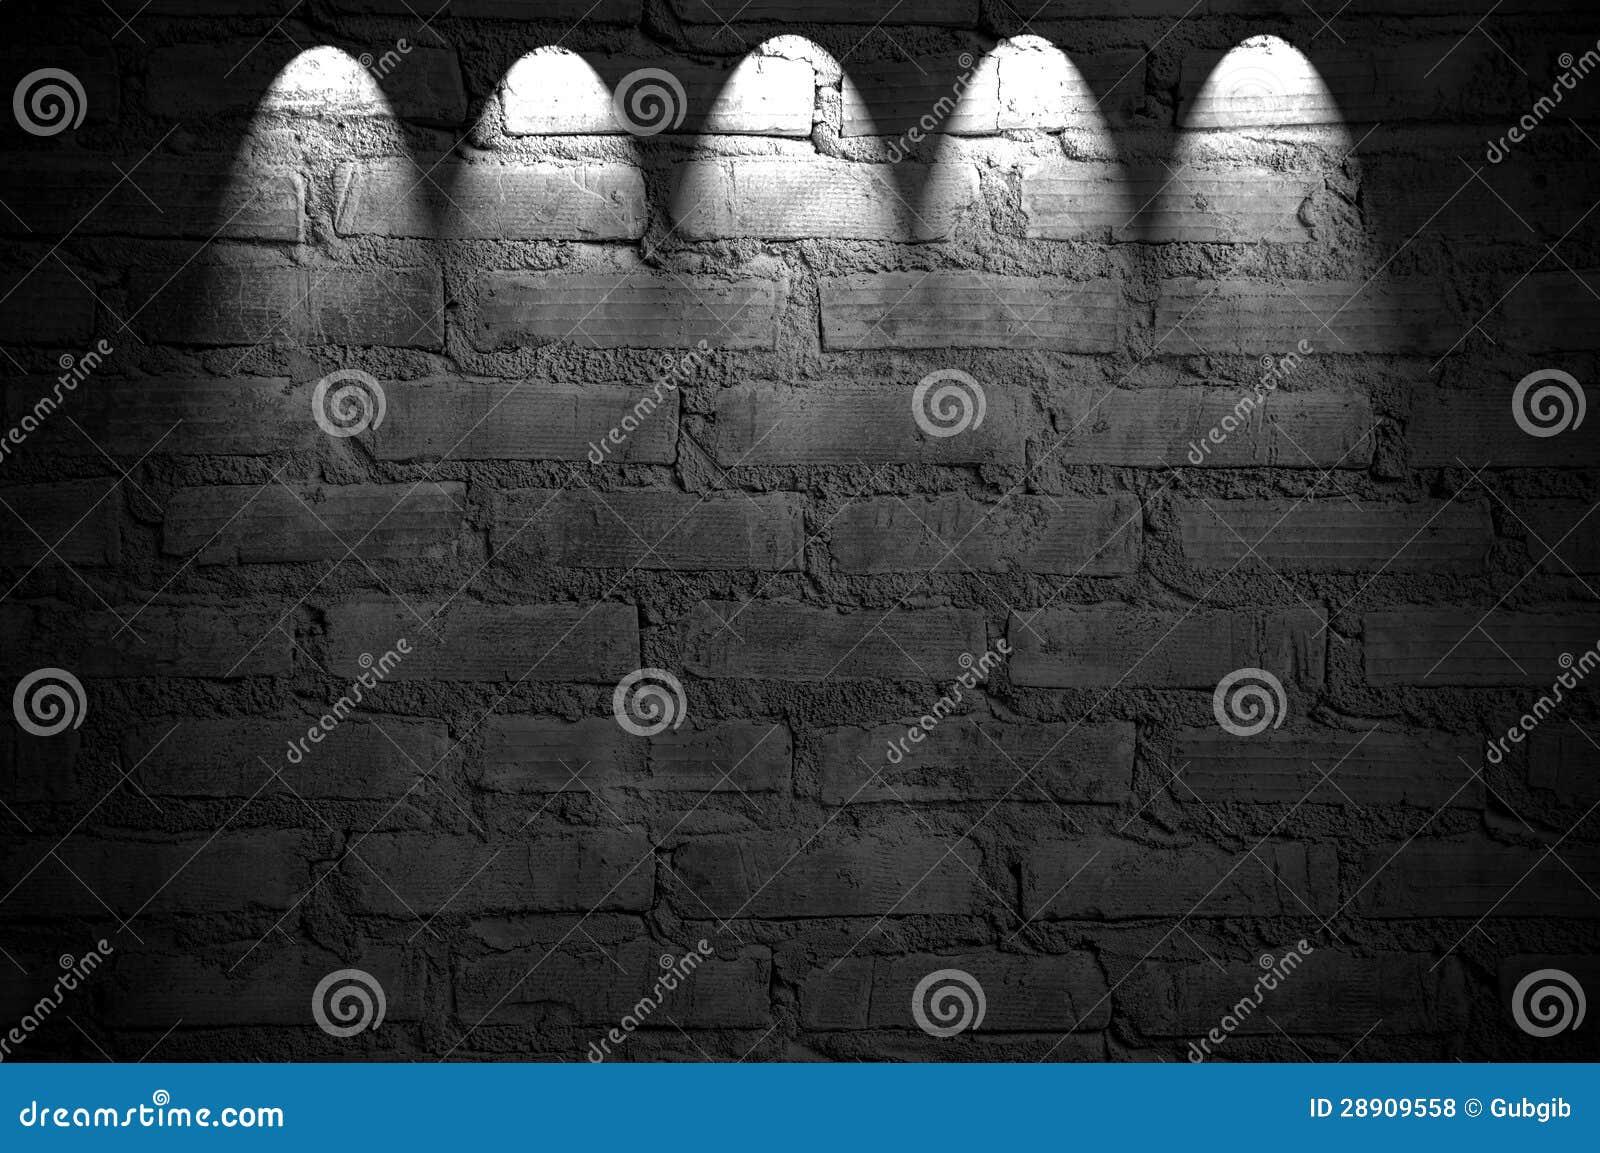 Spotlight On The Brick Wall Stock Photo 28909558